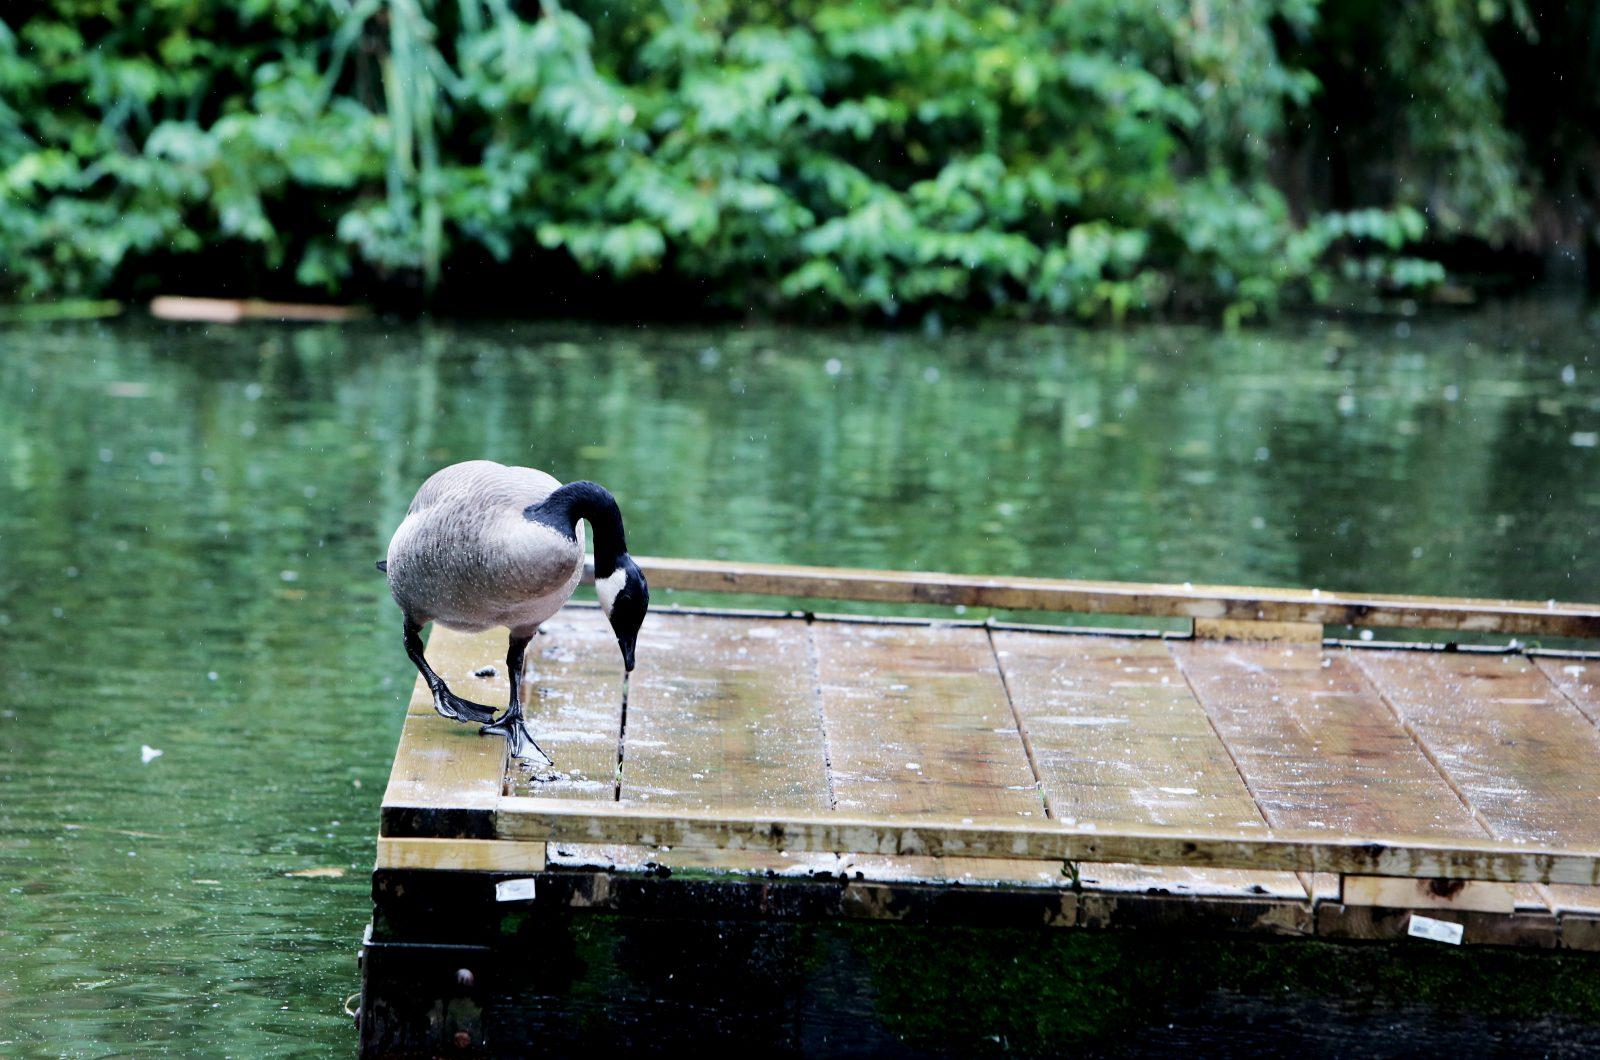 Goose In The Rain